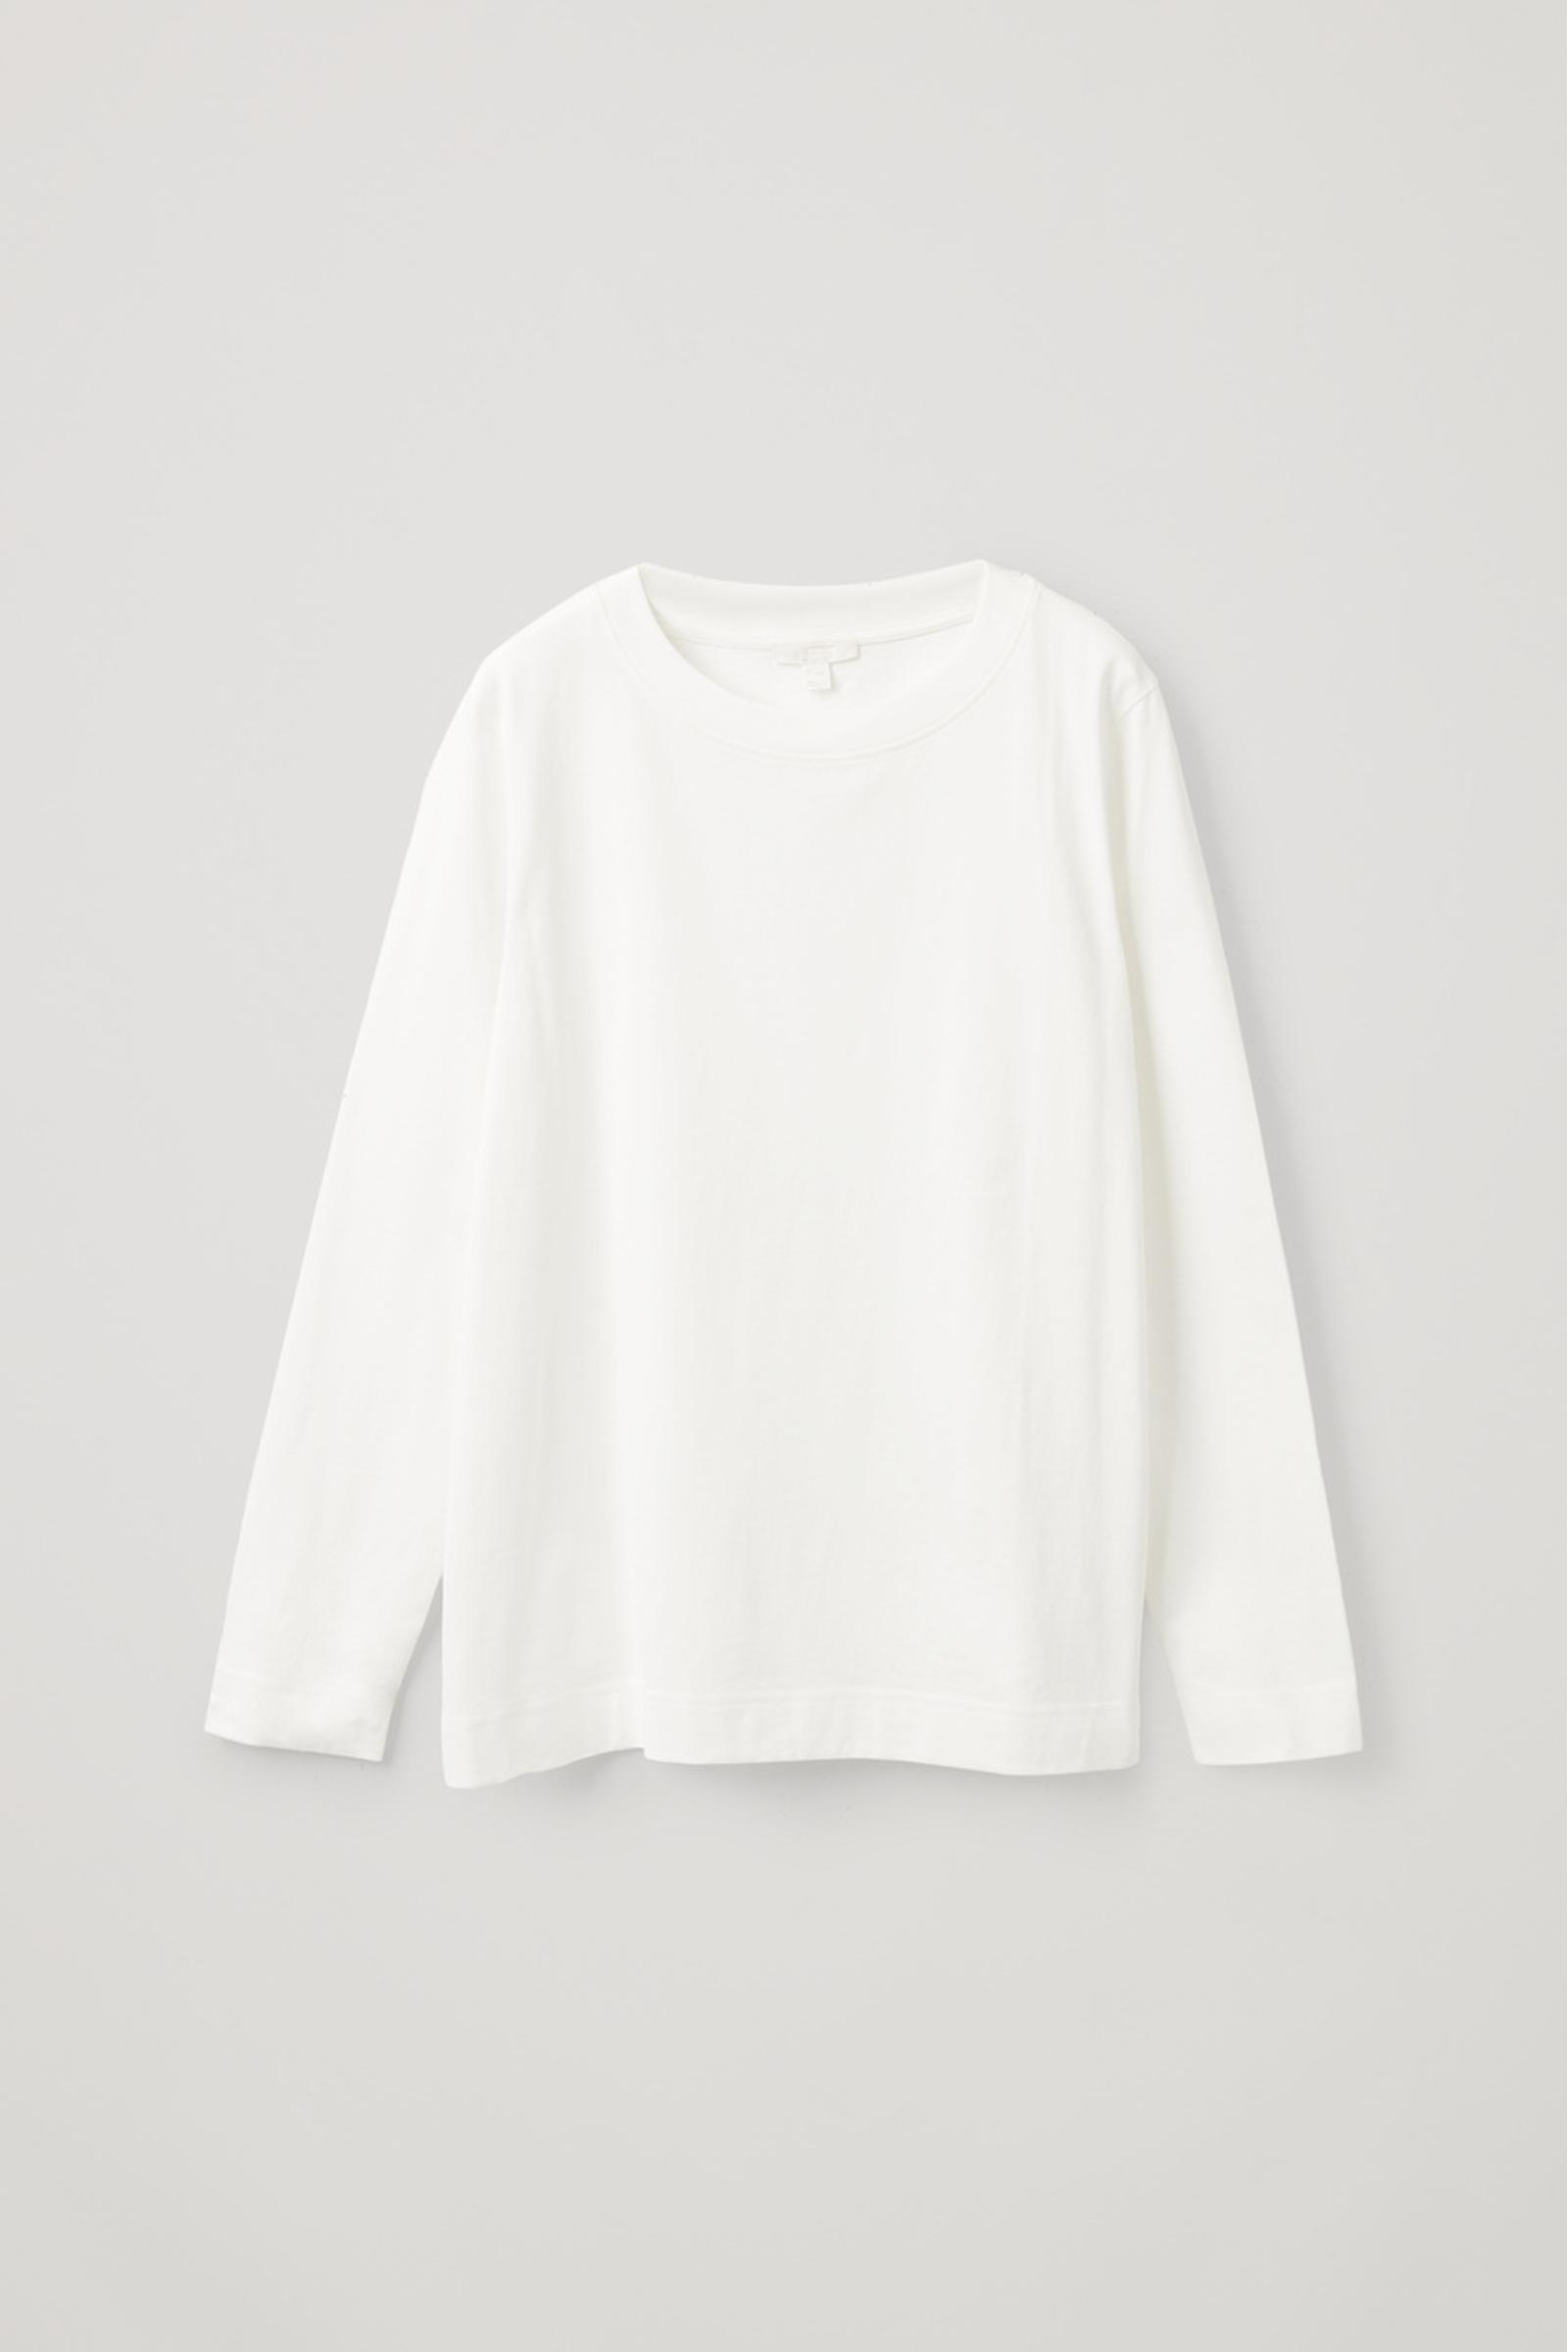 COS 와이드 넥 롱 슬리브 티셔츠의 화이트컬러 Product입니다.